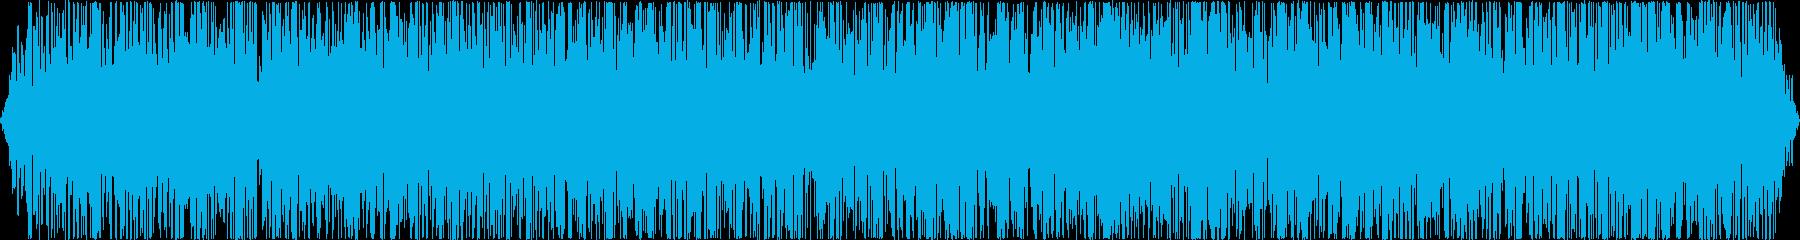 火/炎/火炎系効果音の再生済みの波形